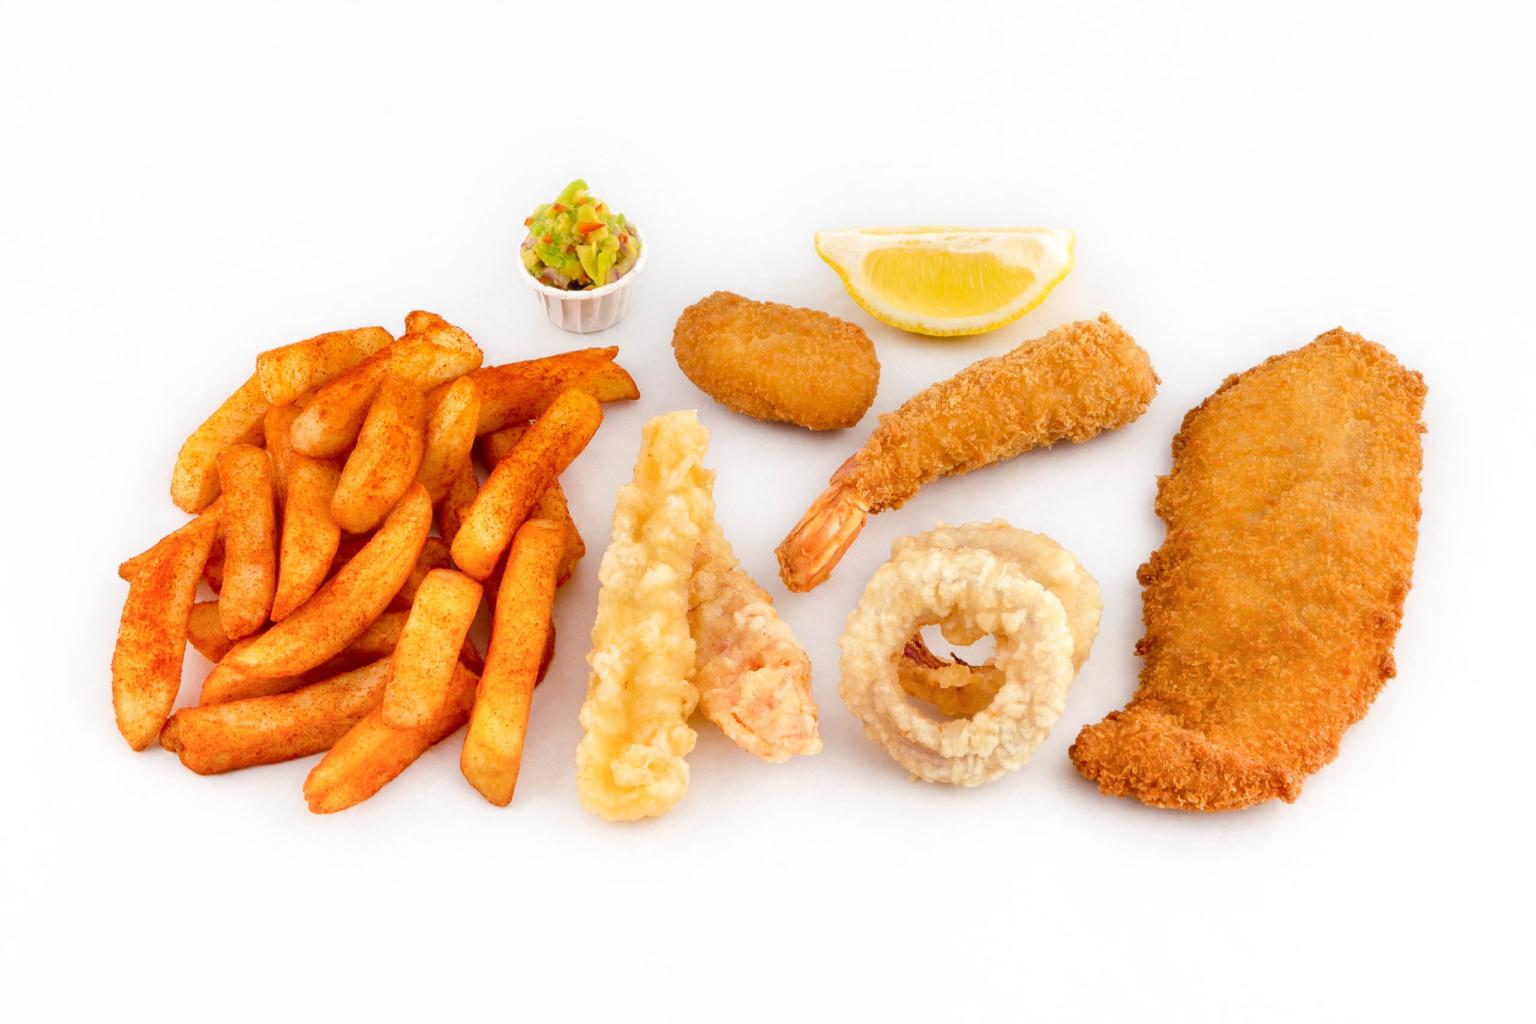 Servizio Fotografico Frittura di Pesce e Fish and Chips a Treviso